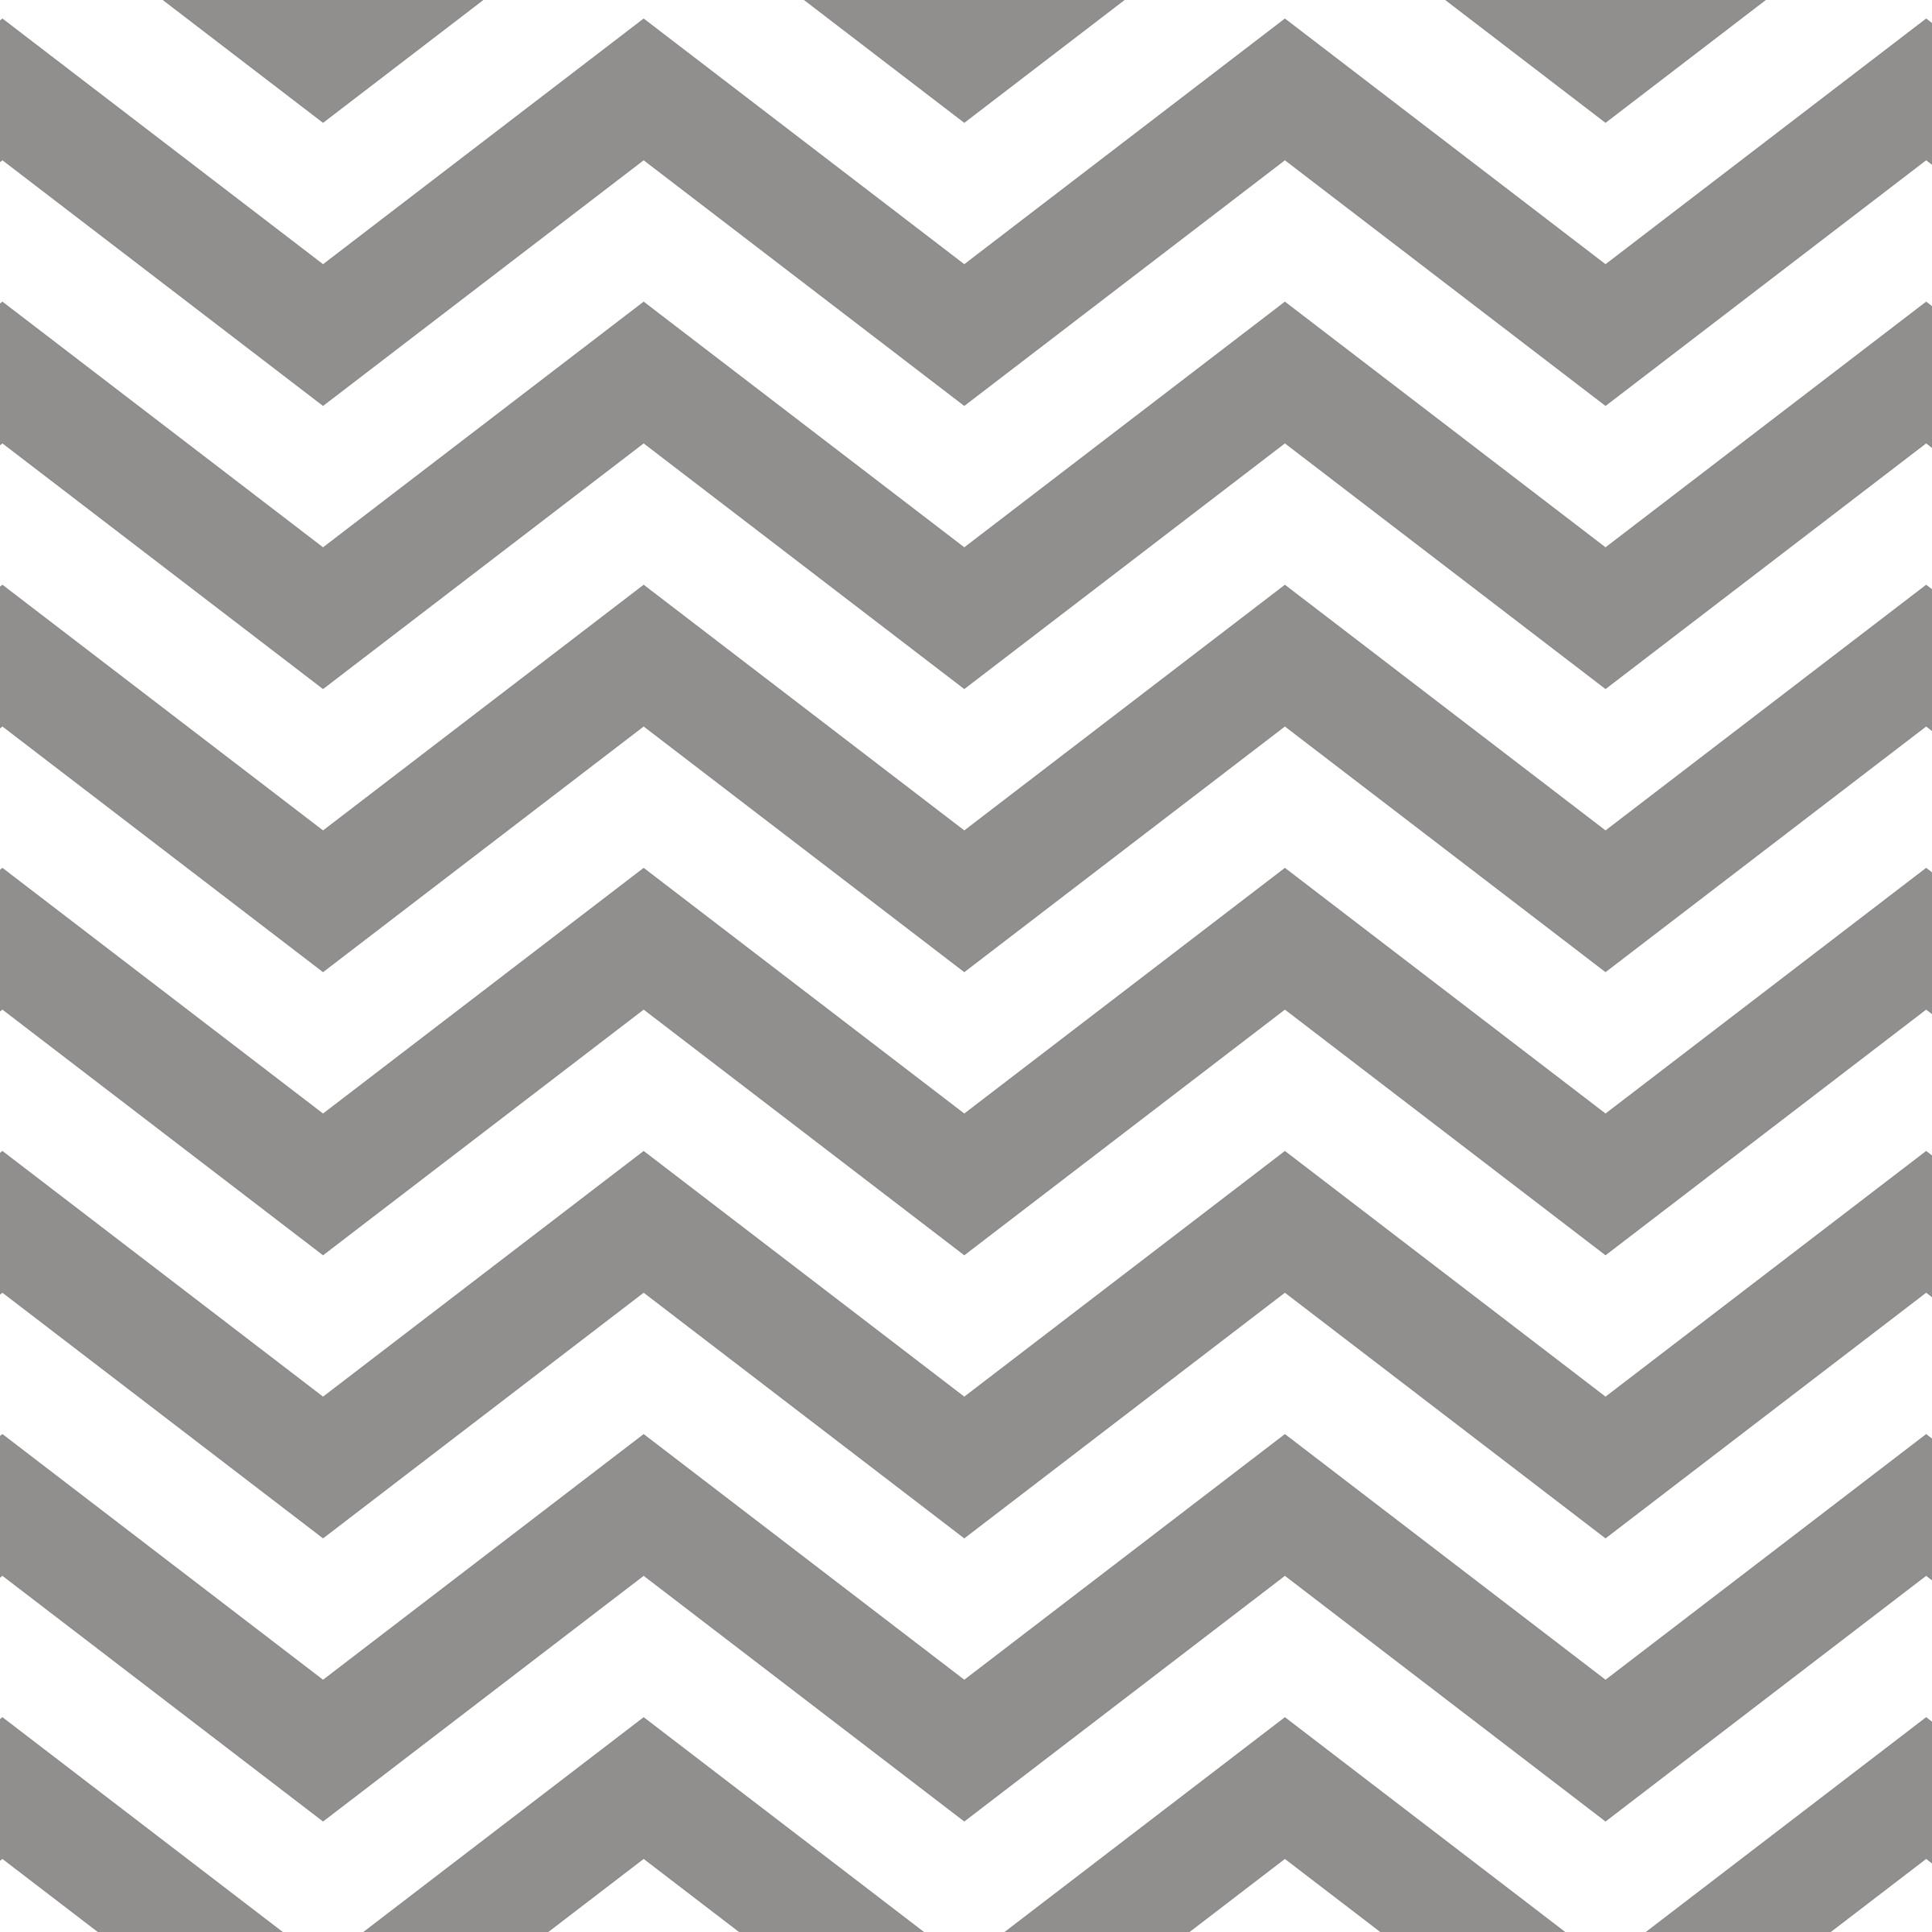 Tablecloth Vinyl- Chevron Tablecloth | JOANN